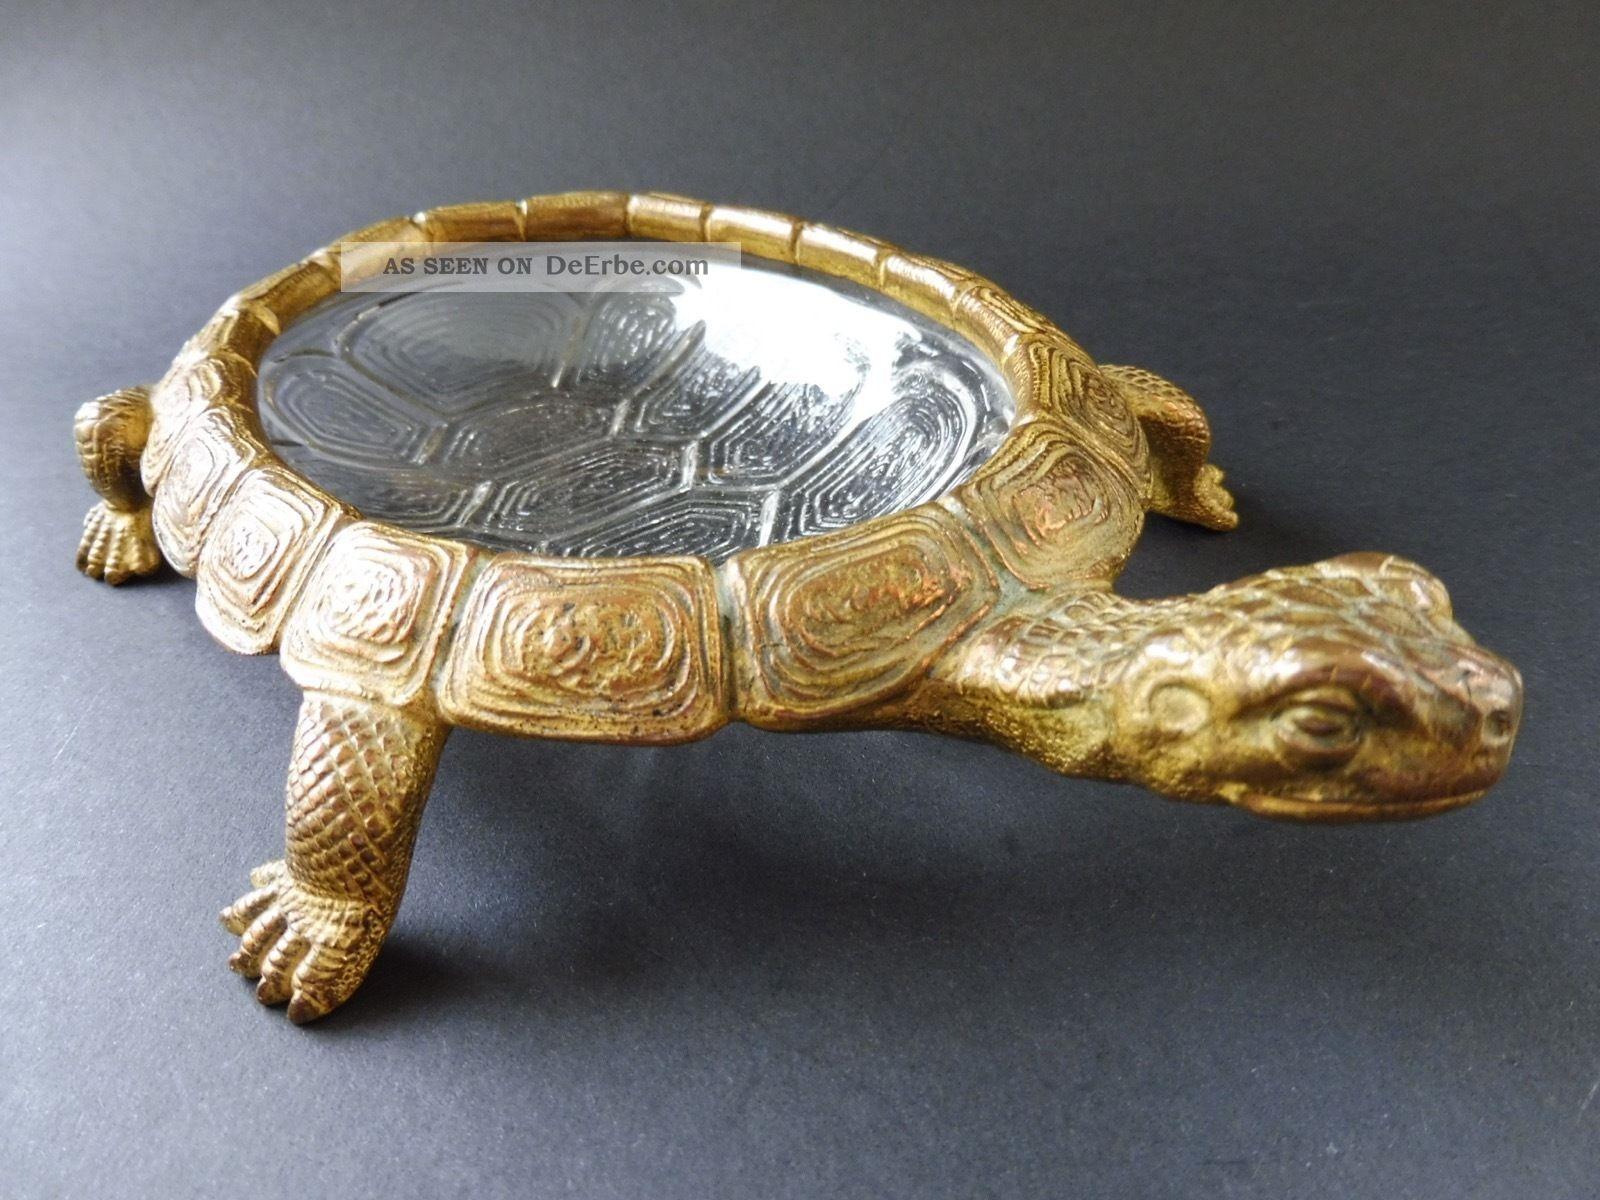 Rar Jugendstil Bronze SchildkrÖte Turtle Jardiniere Vergoldet Art Nouveau Glas 1890-1919, Jugendstil Bild